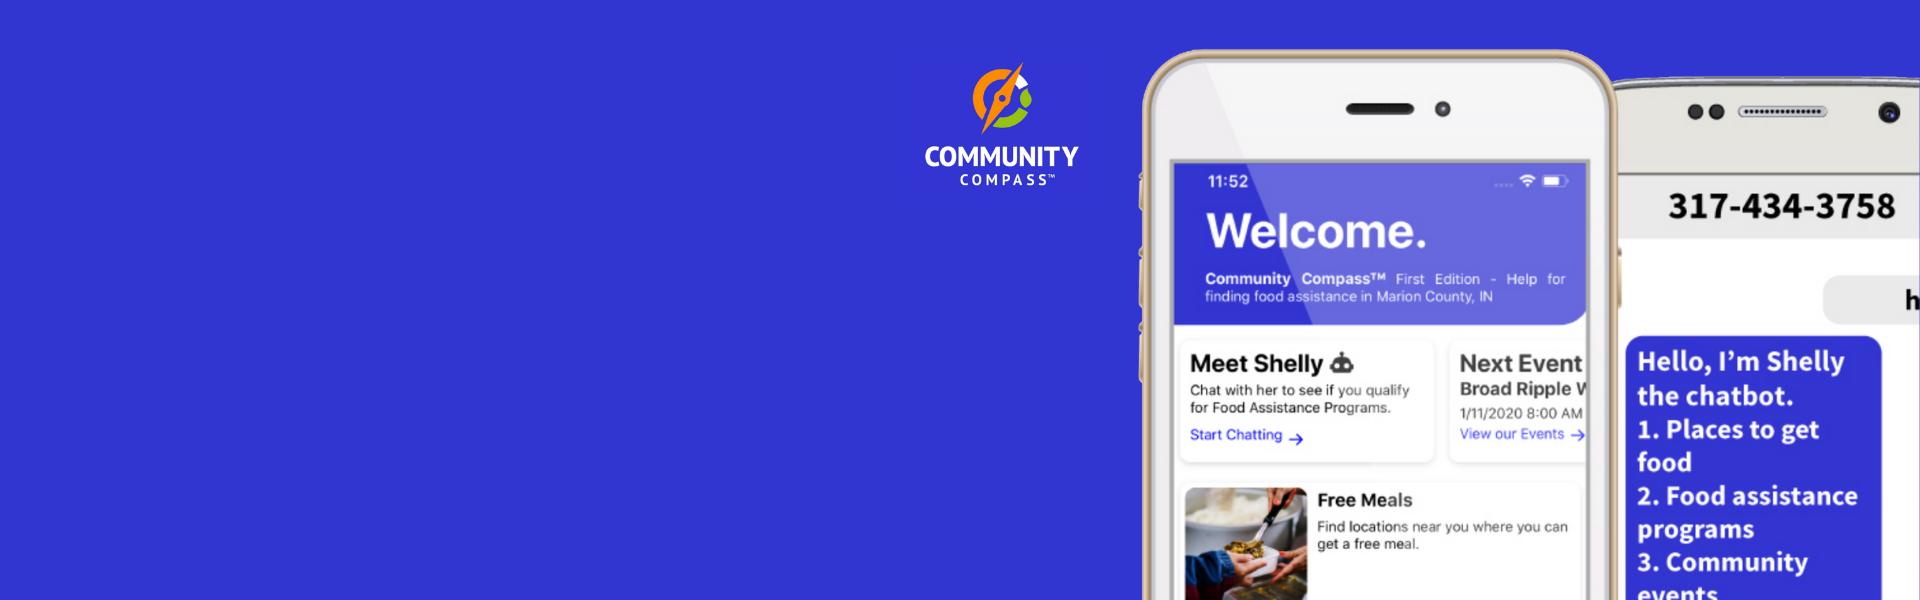 communitycompass_slider2